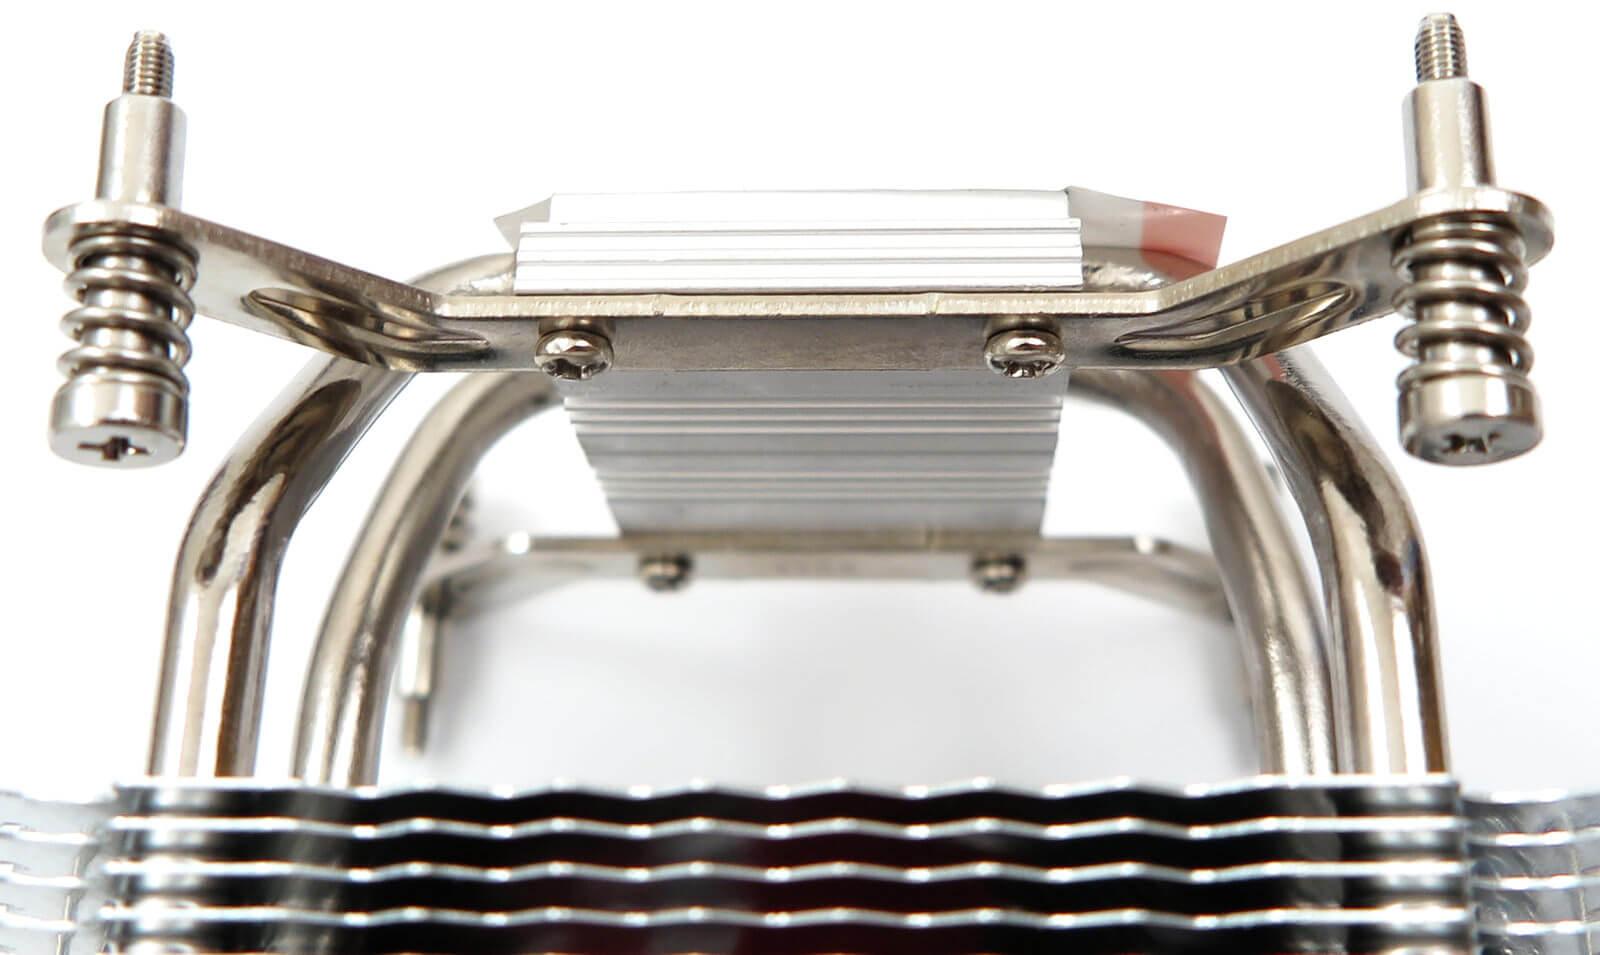 Modified CPU cooler